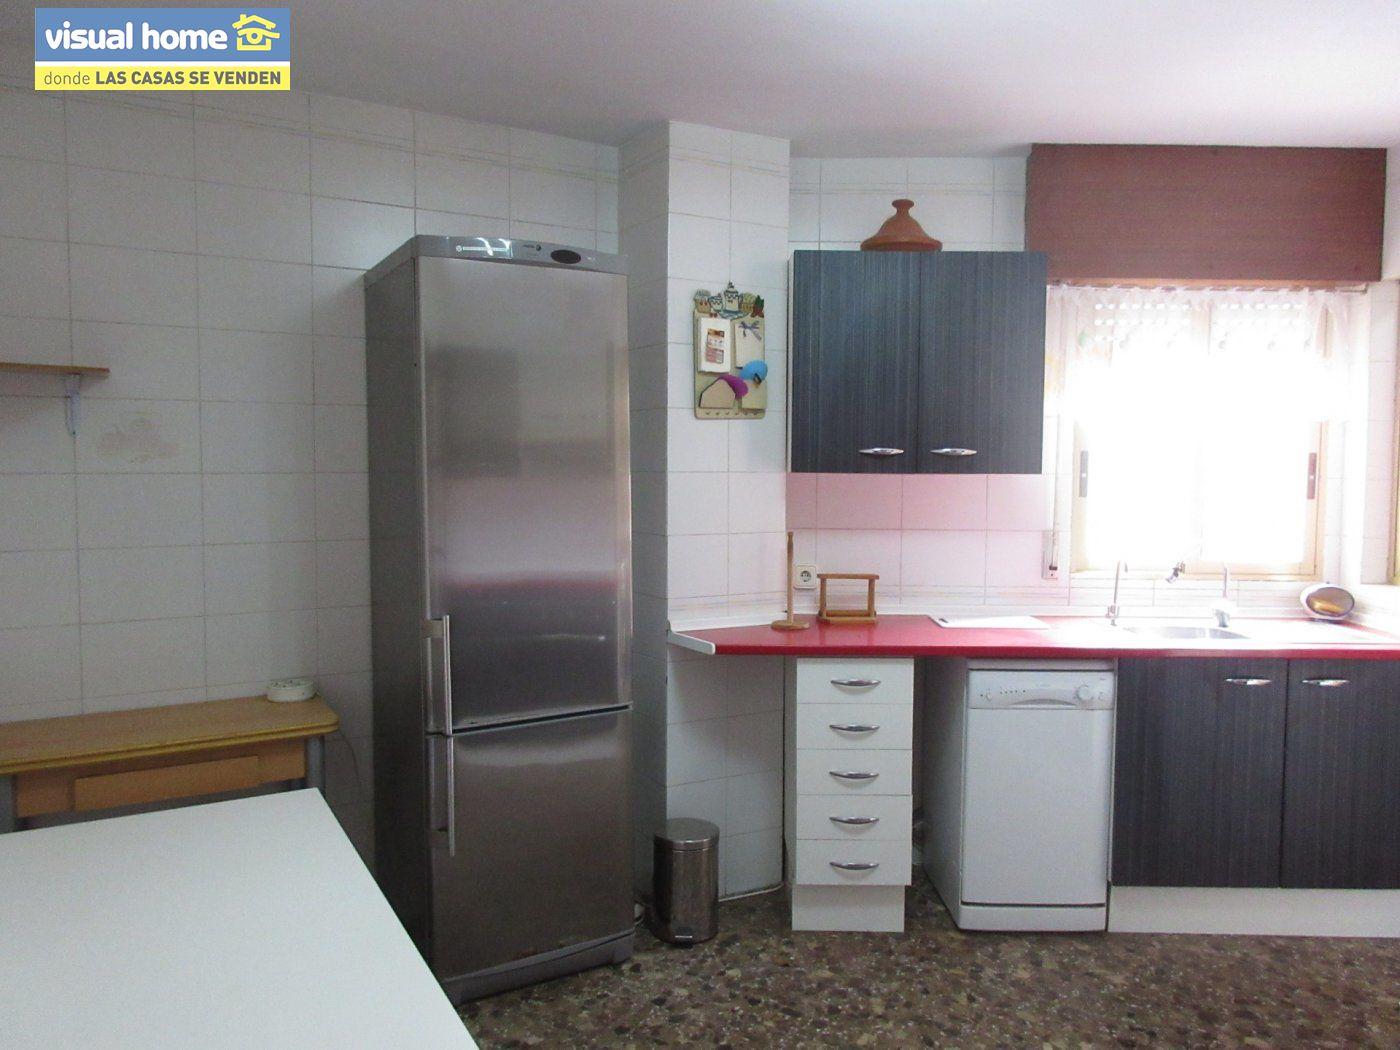 Piso con VISTAS AL MAR, con 3 dormitorios, 2 baños, GARAJE y TRASTERO 1